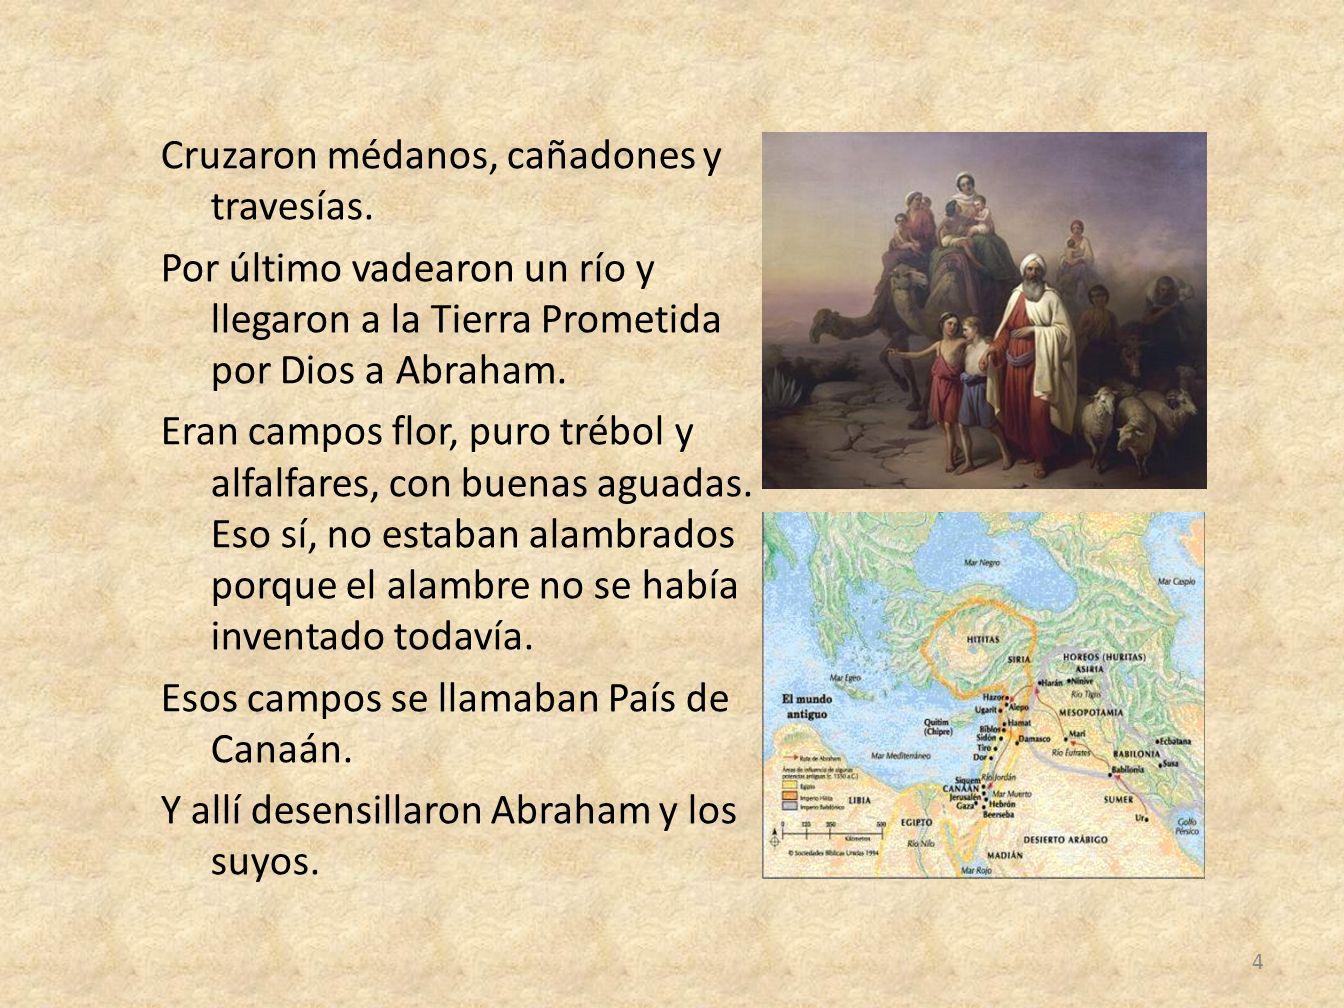 Cruzaron médanos, cañadones y travesías. Por último vadearon un río y llegaron a la Tierra Prometida por Dios a Abraham. Eran campos flor, puro trébol